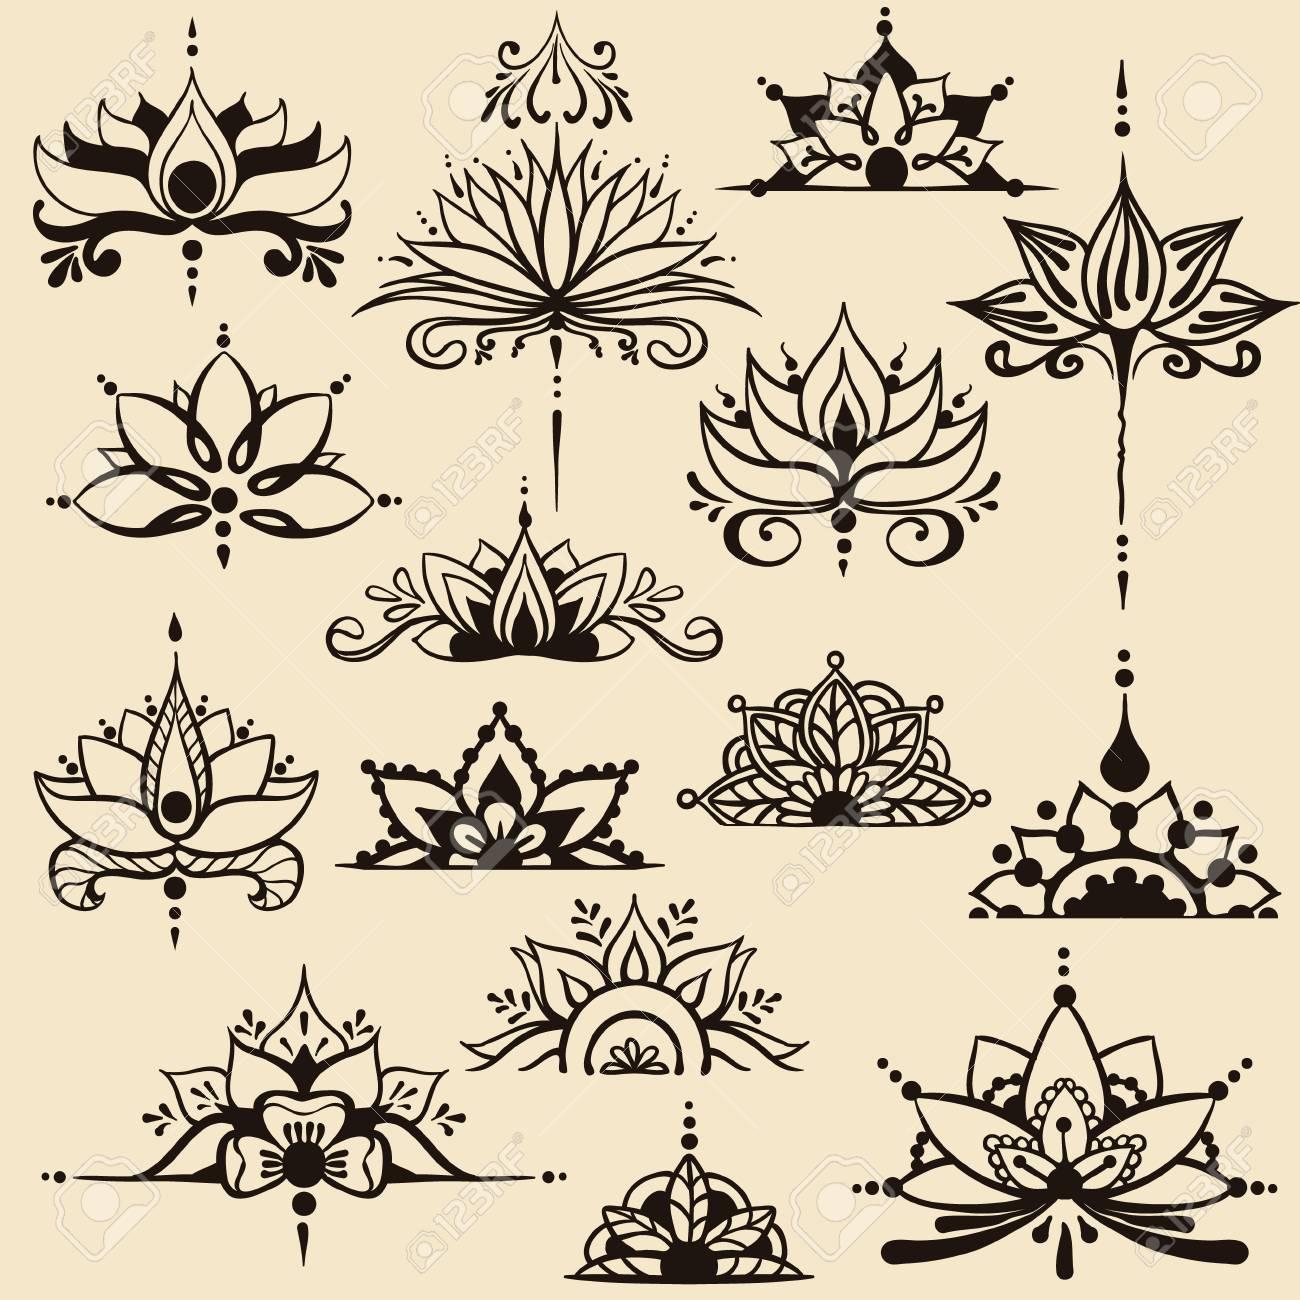 Quinze Dessins A Main Levee De Fleurs De Lotus Dans Le Style Est